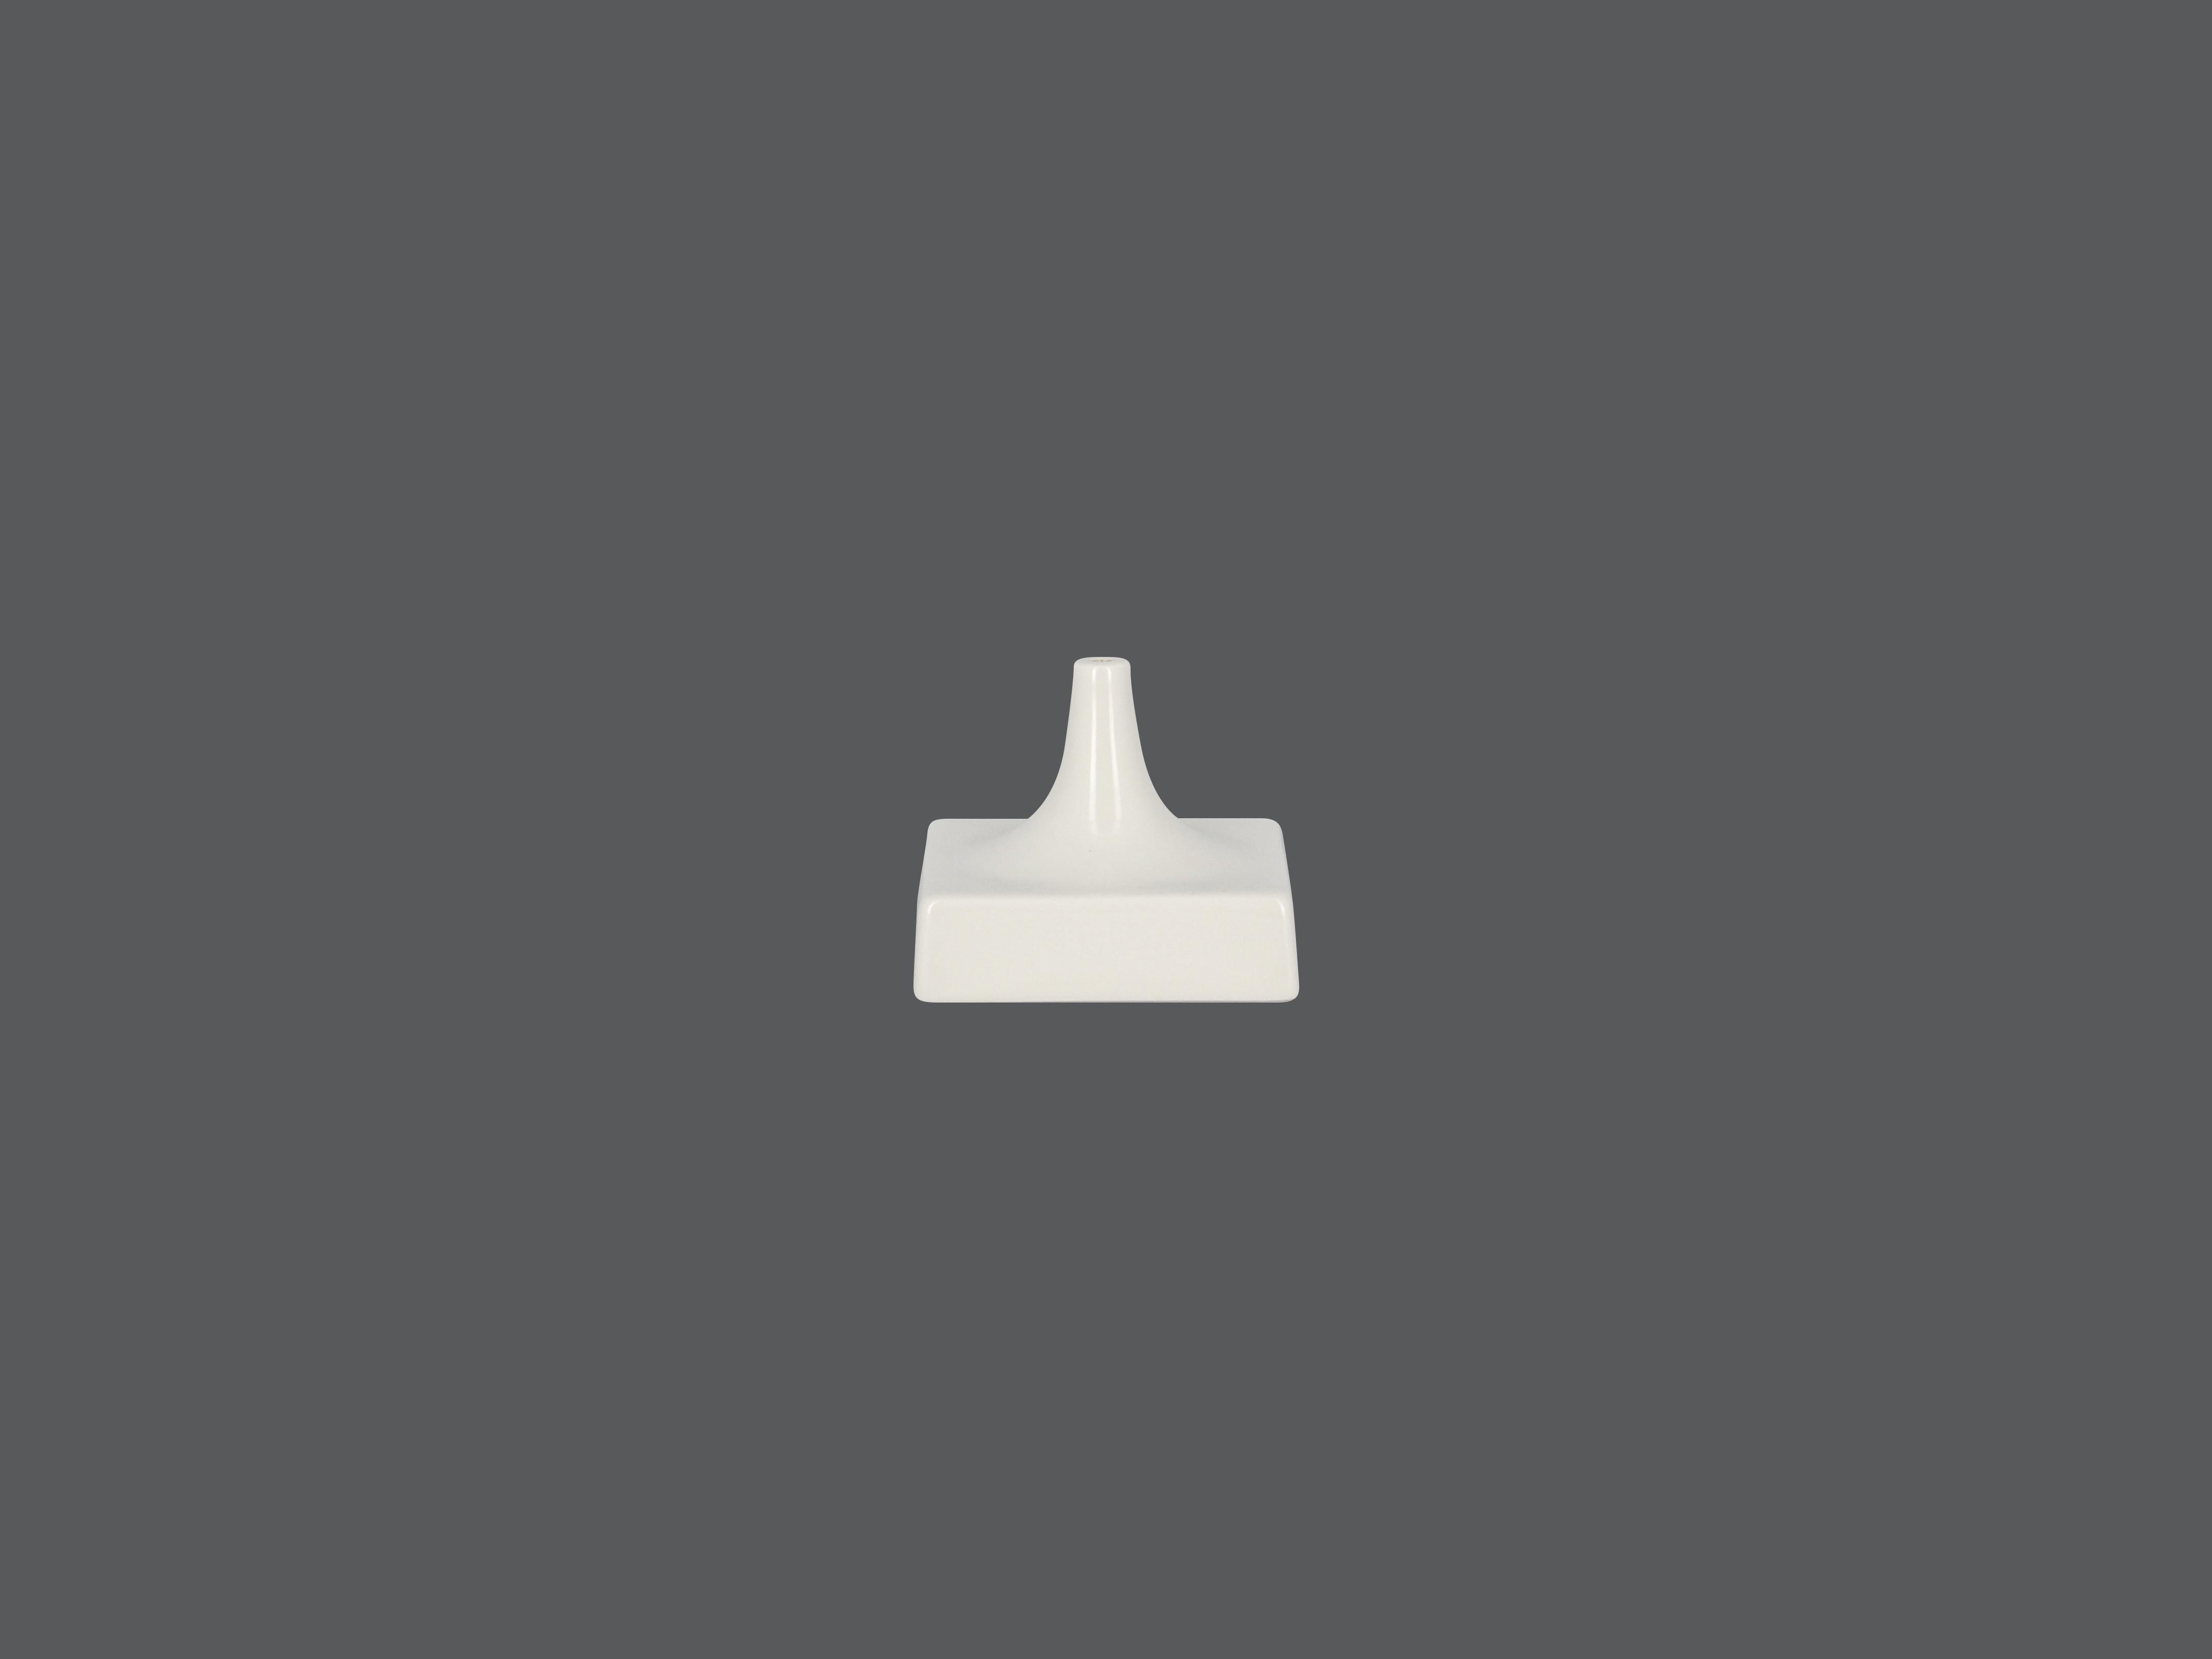 Čtvercový stojan - 1 otvor - bílá